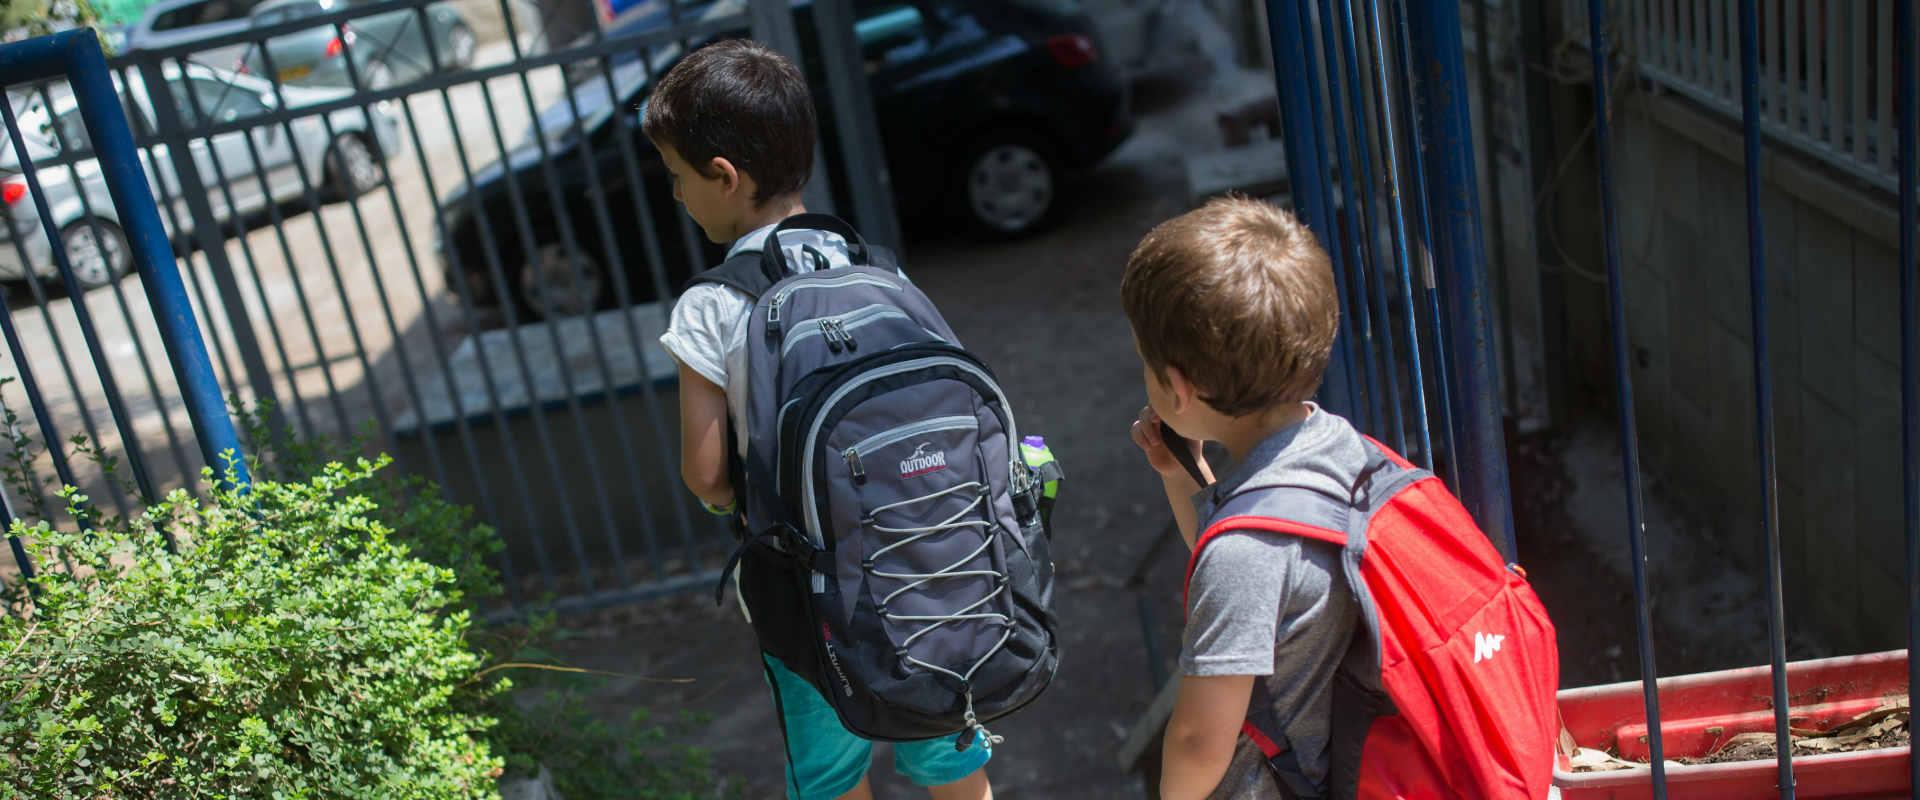 תלמידי בית ספר (אילוסטרציה)